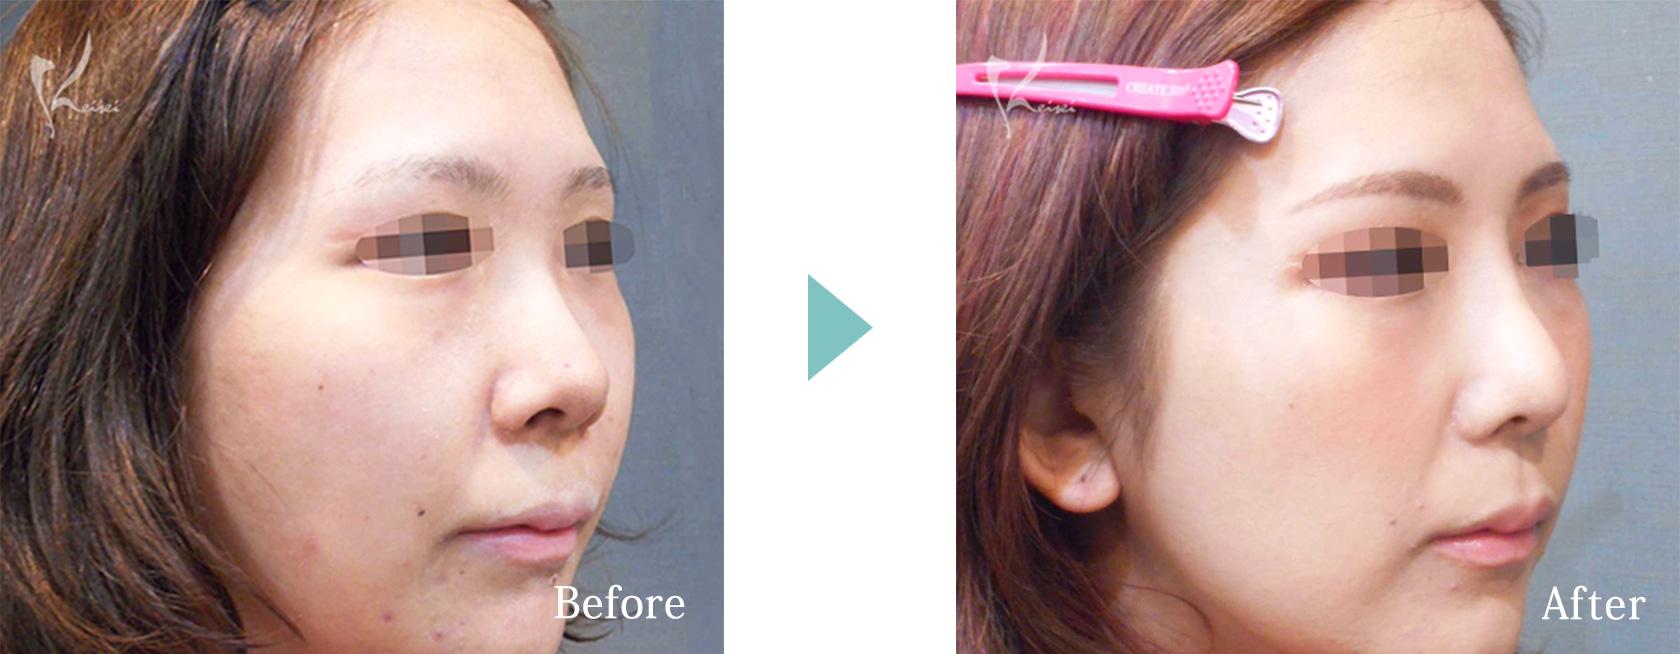 隆鼻術(プロテーゼ)+鼻尖形成+小鼻縮小+鼻中隔延長の症例写真